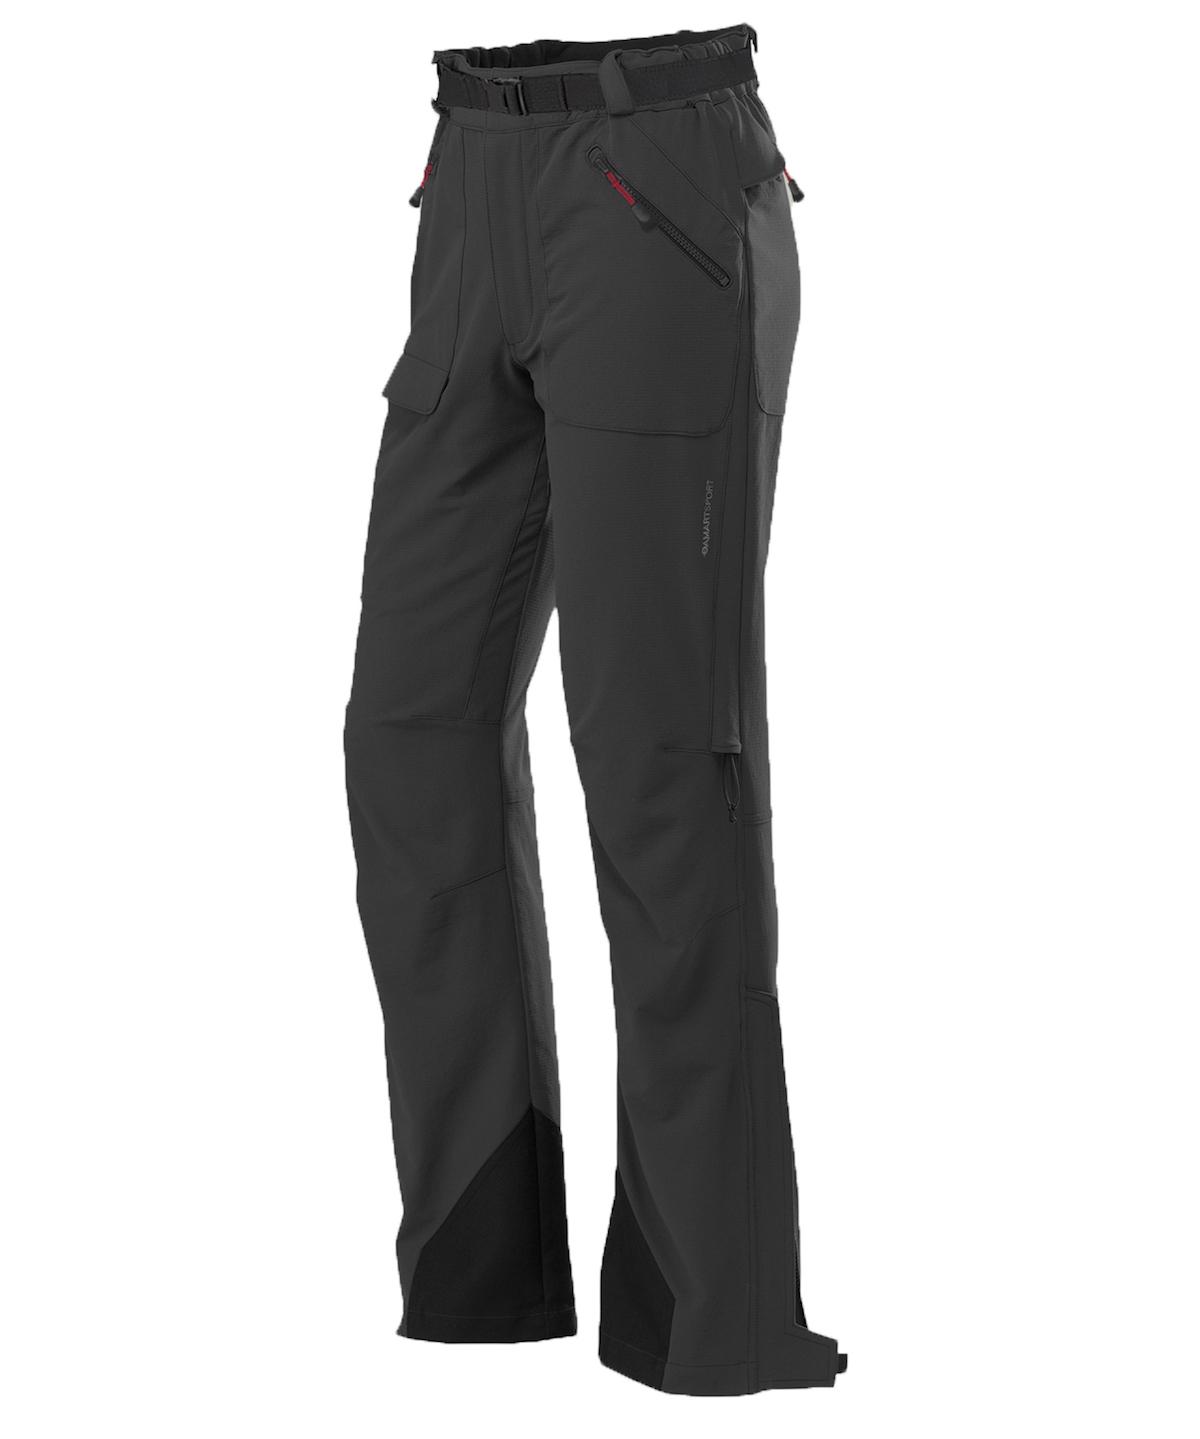 Damart Sport - Pantalon randonnée chaud déperlant homme